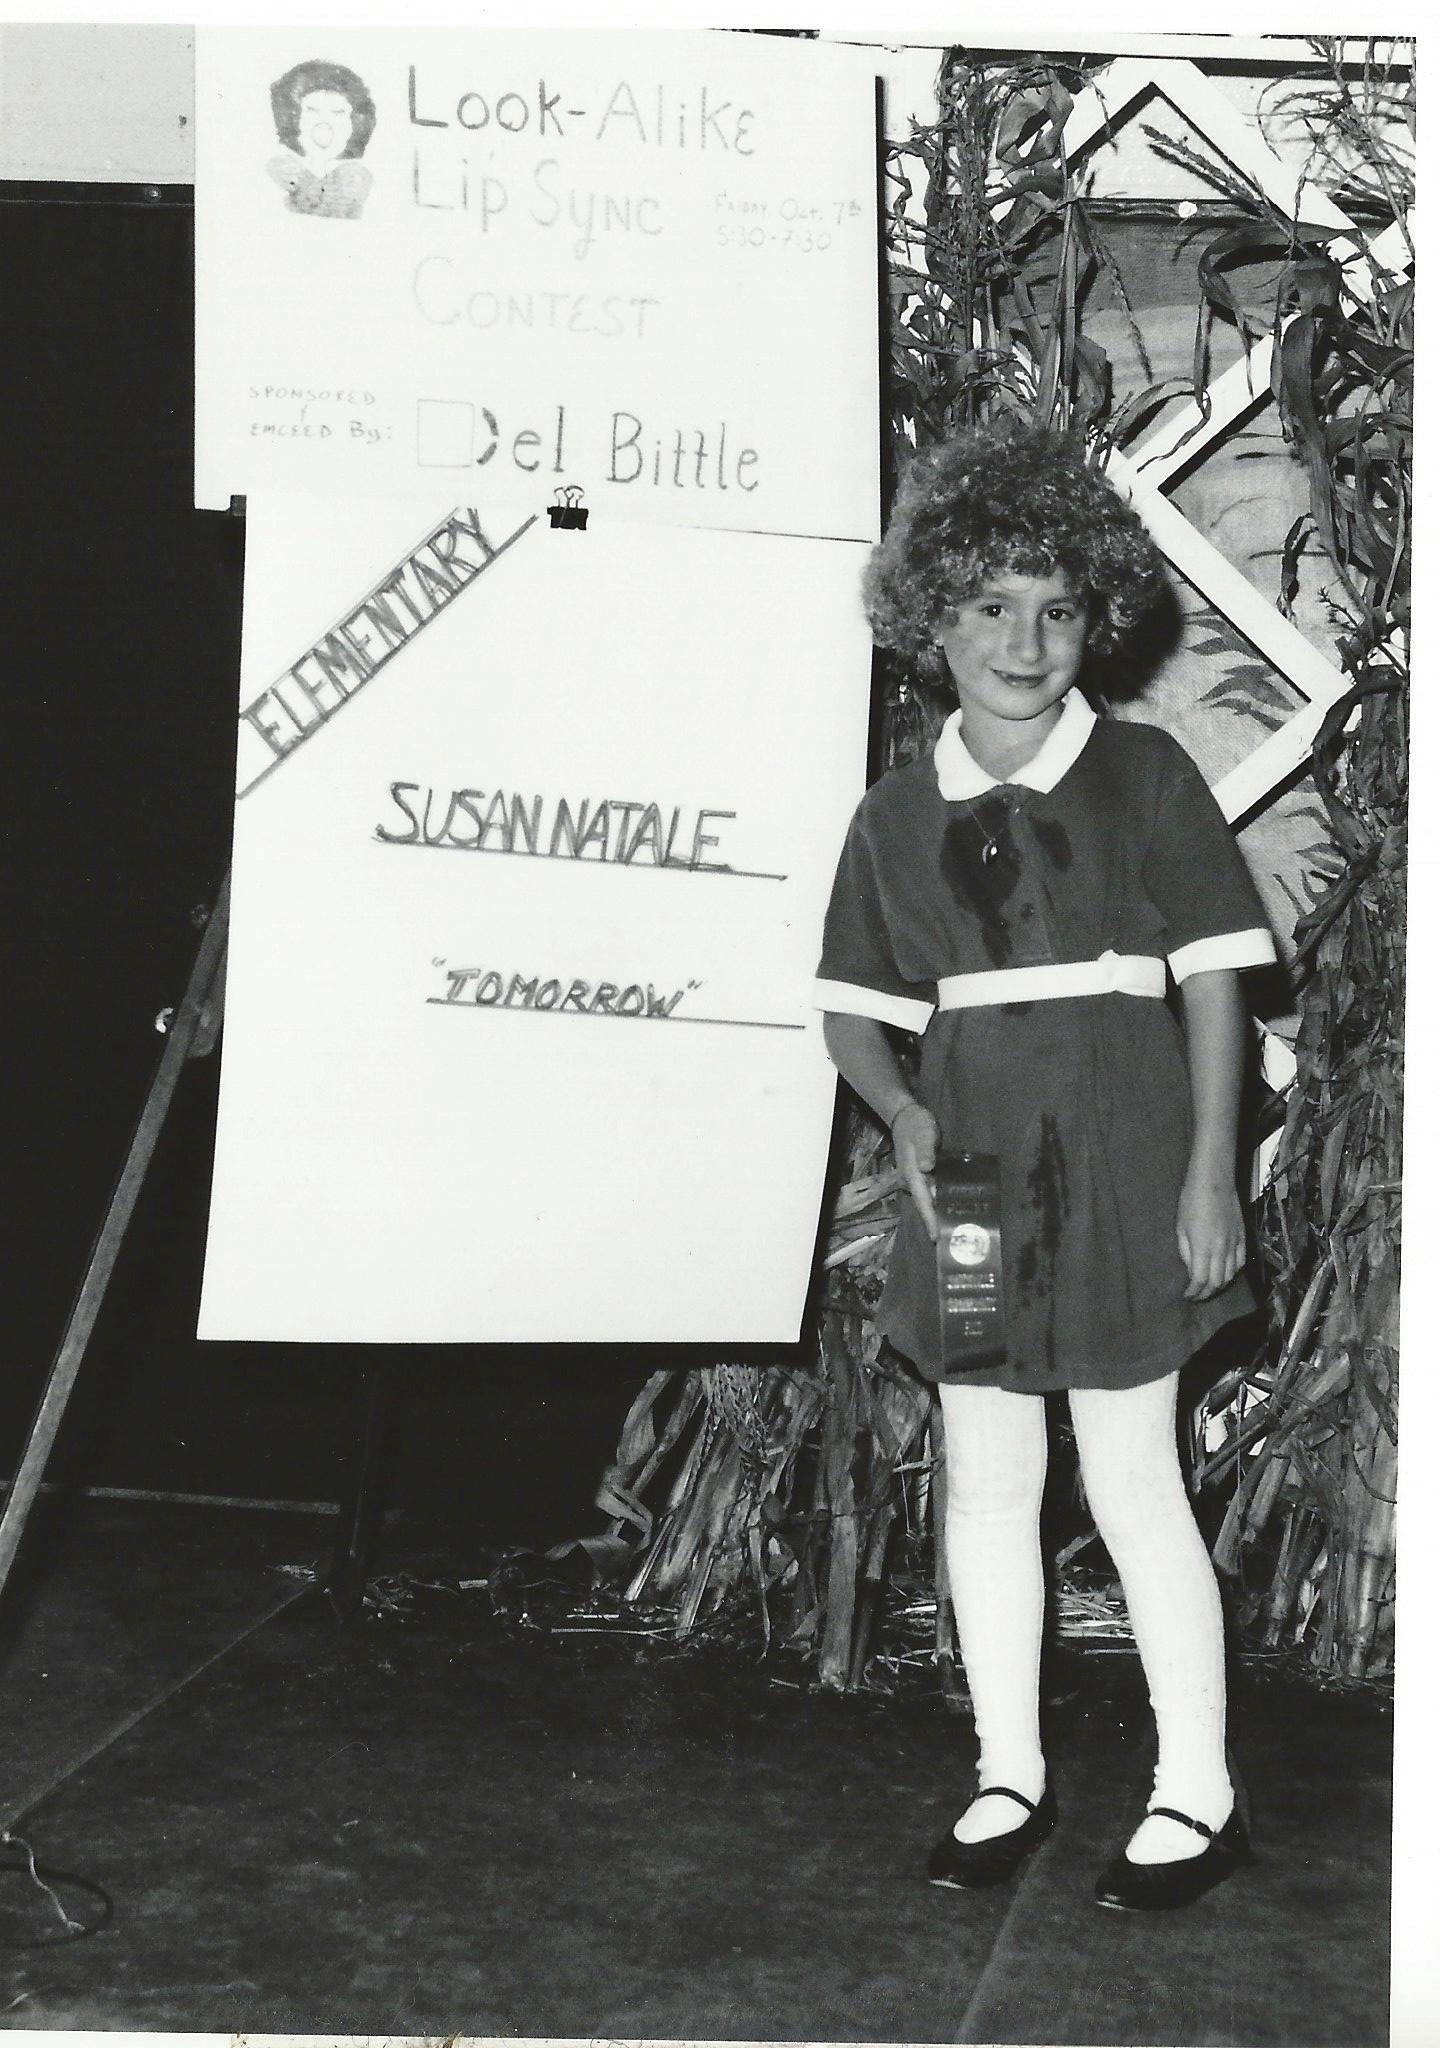 Susan Natale as Annie in the Lip Sync Battle.jpg